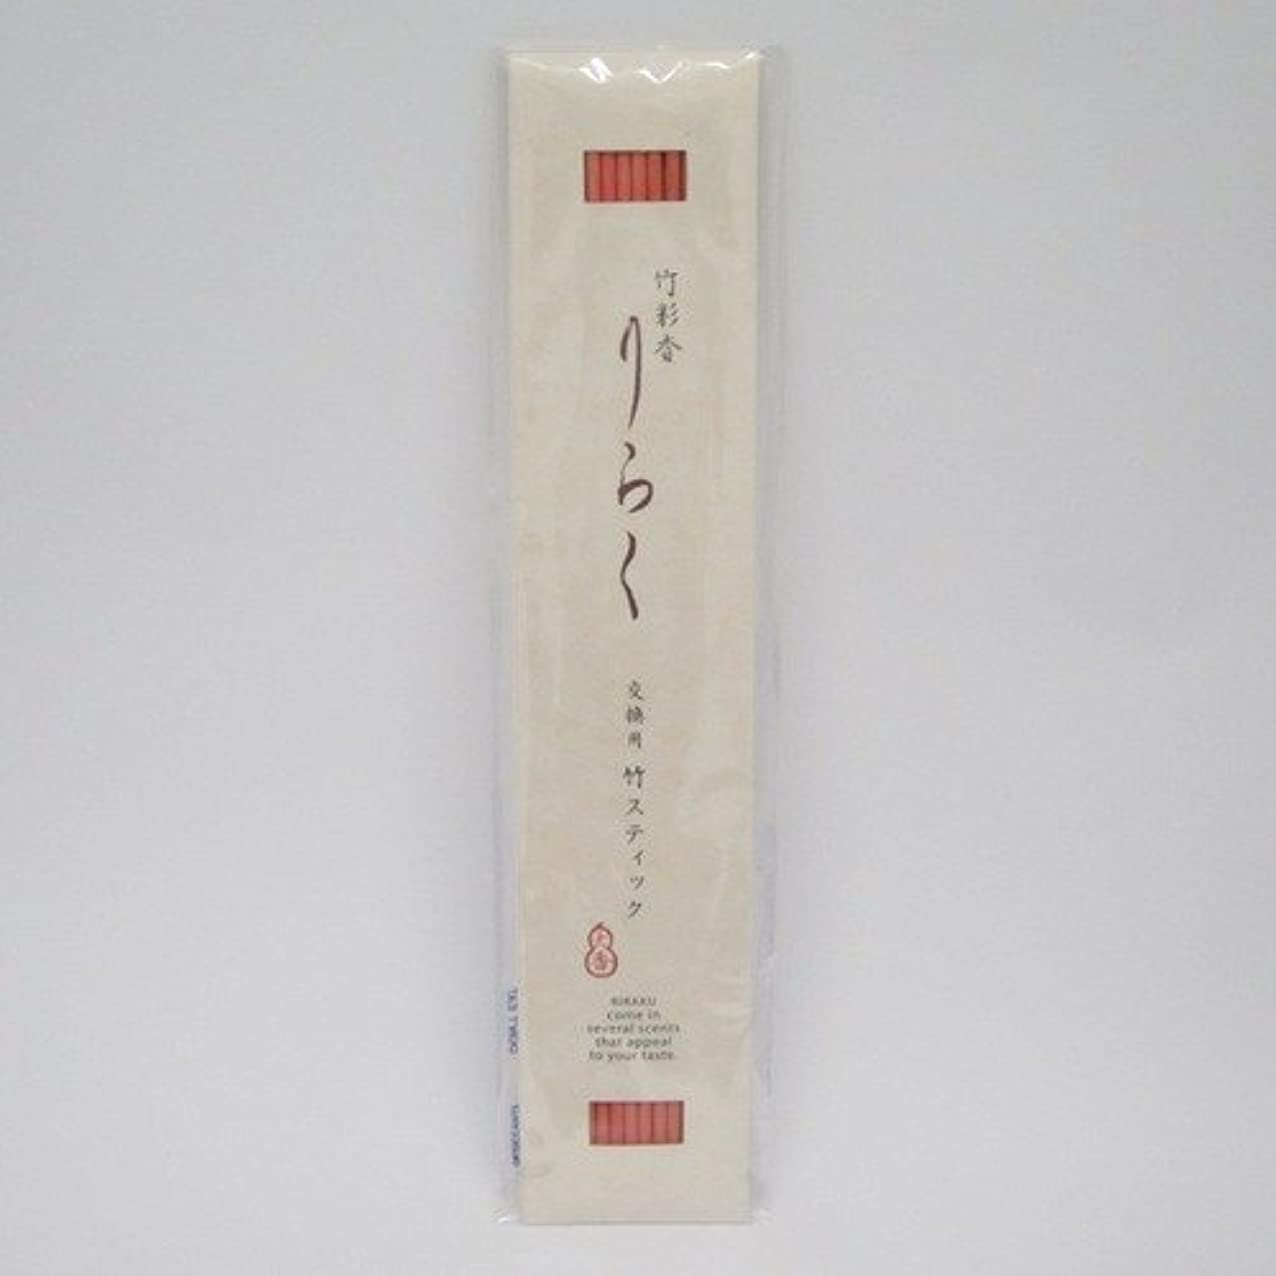 丁寧思慮のないほこりっぽいりらく 竹彩香りらく竹スティック さくらの色